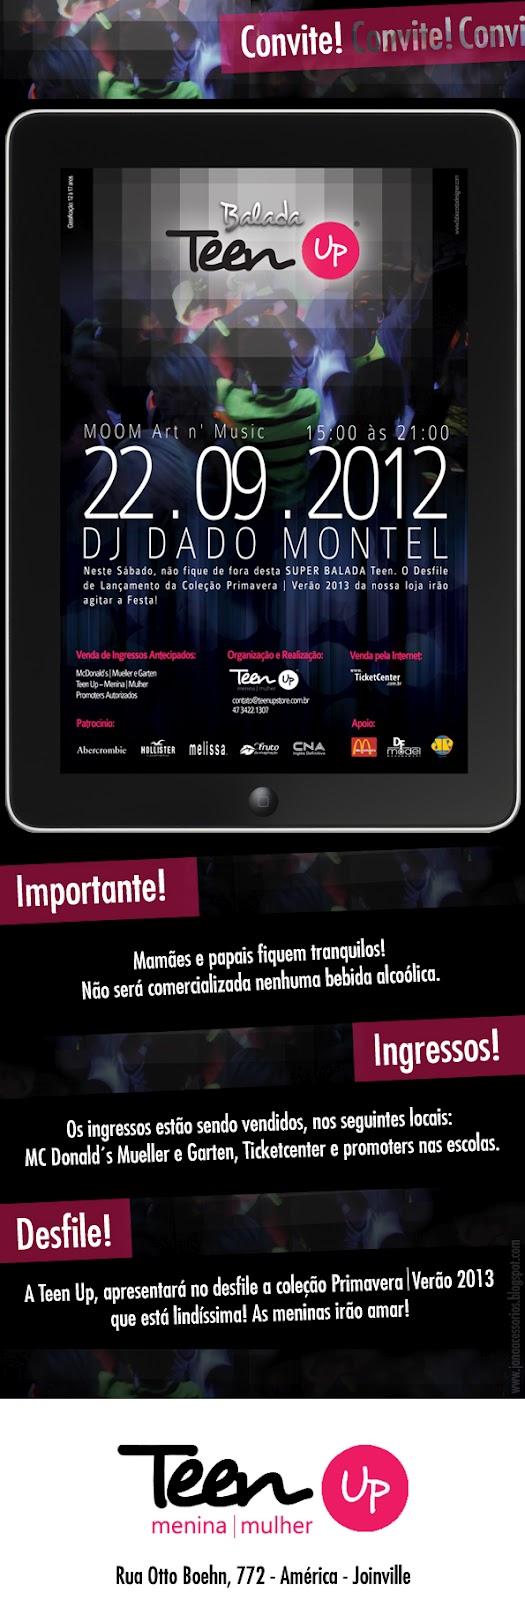 Convite: Balada Teen Up em Joinville   22.09.2012   flyer   diversos    teen Santa Catarina publieditorial Joinville Eventos Diversos Convite adolescentes